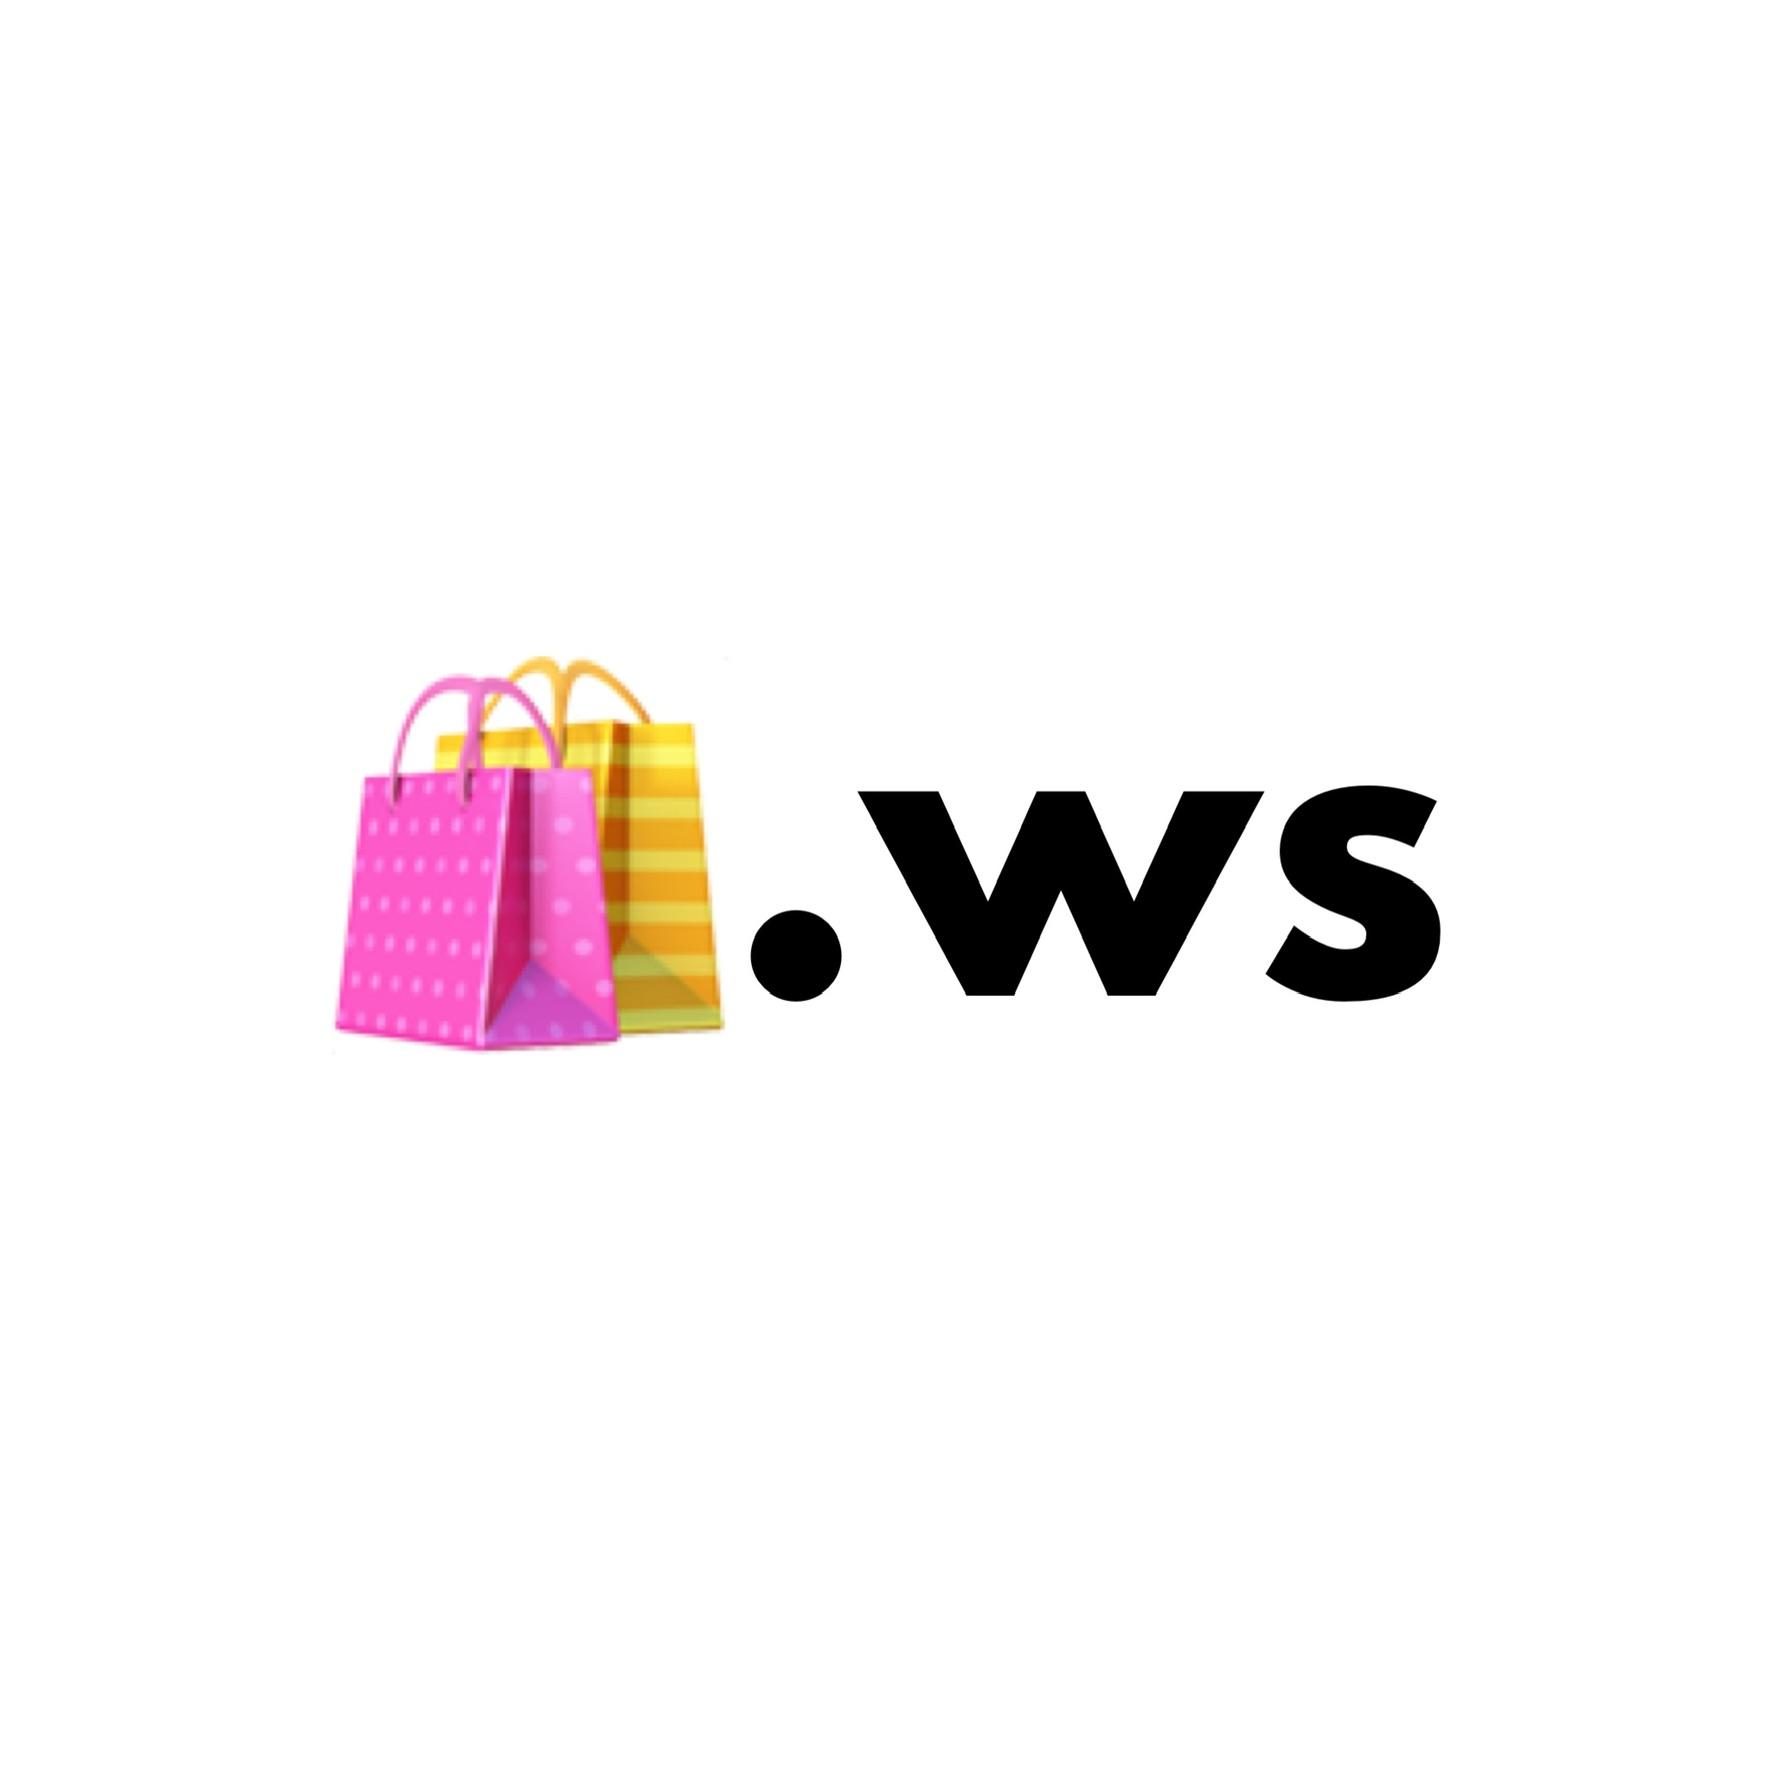 Buy Single Emoji Domains ✨.ws 🛍.ws 🎫.ws 🛌.ws 🔑.ws 🦛.ws 🗣.ws 🏘.ws 💷.ws